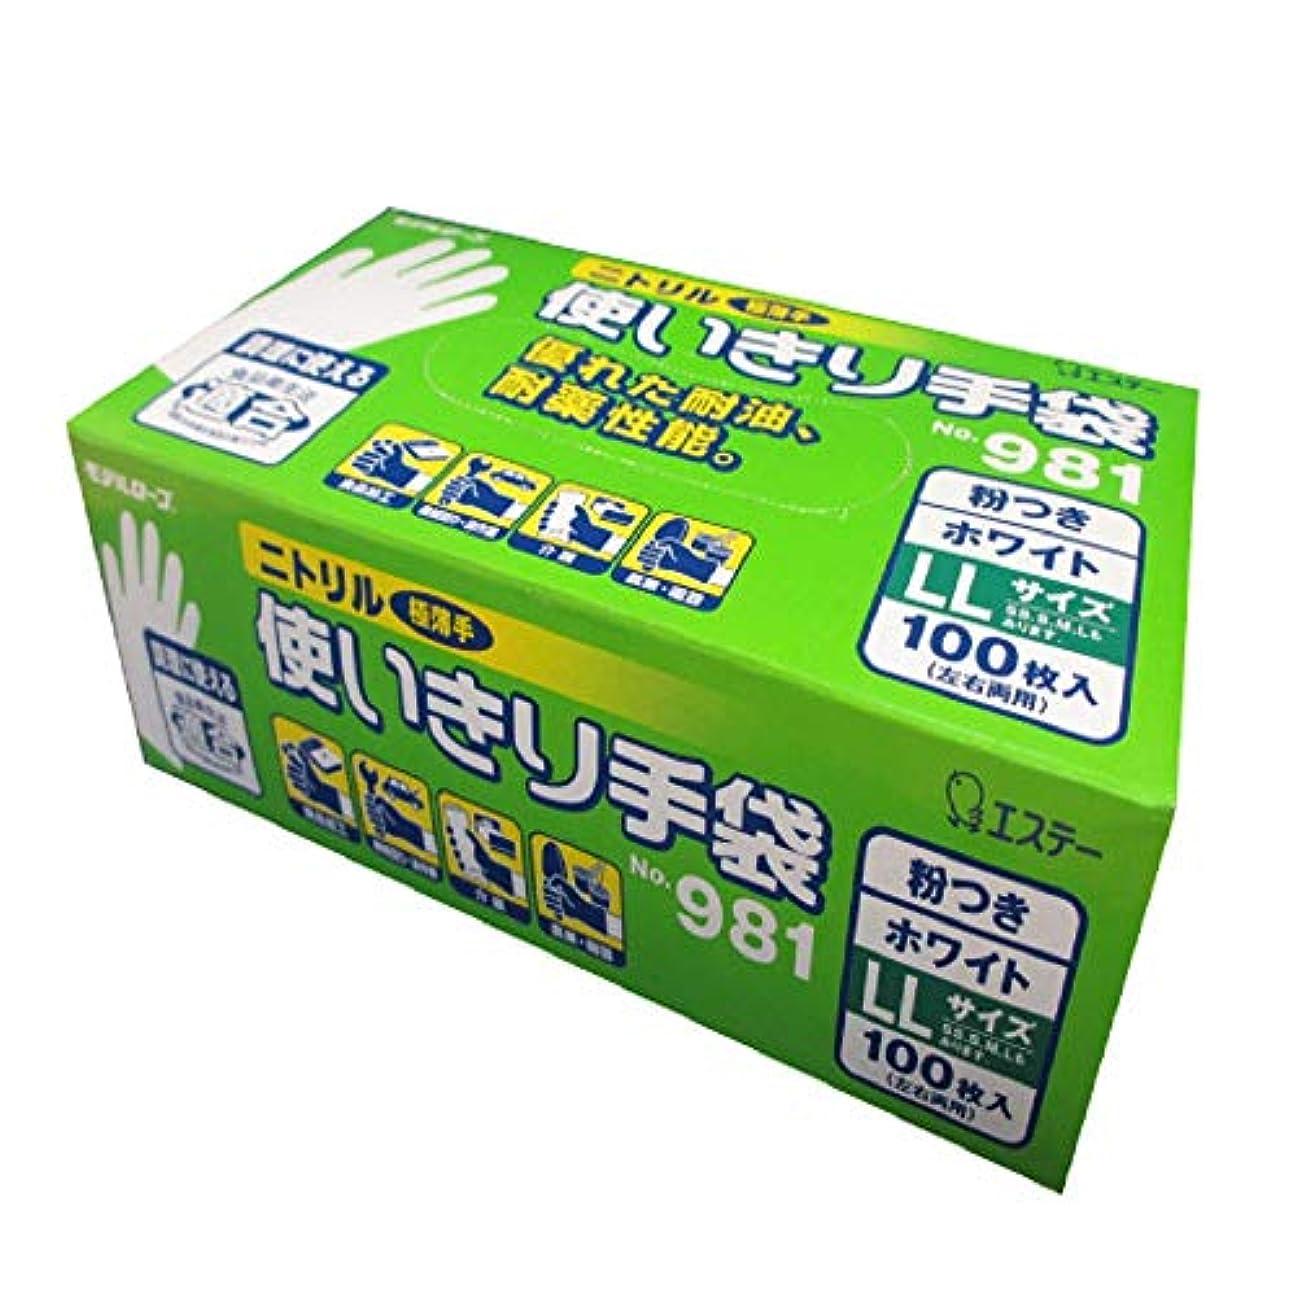 幻滅するジェスチャーブルモデルローブNo981ニトリル使いきり手袋粉つき100枚ホワイトLL